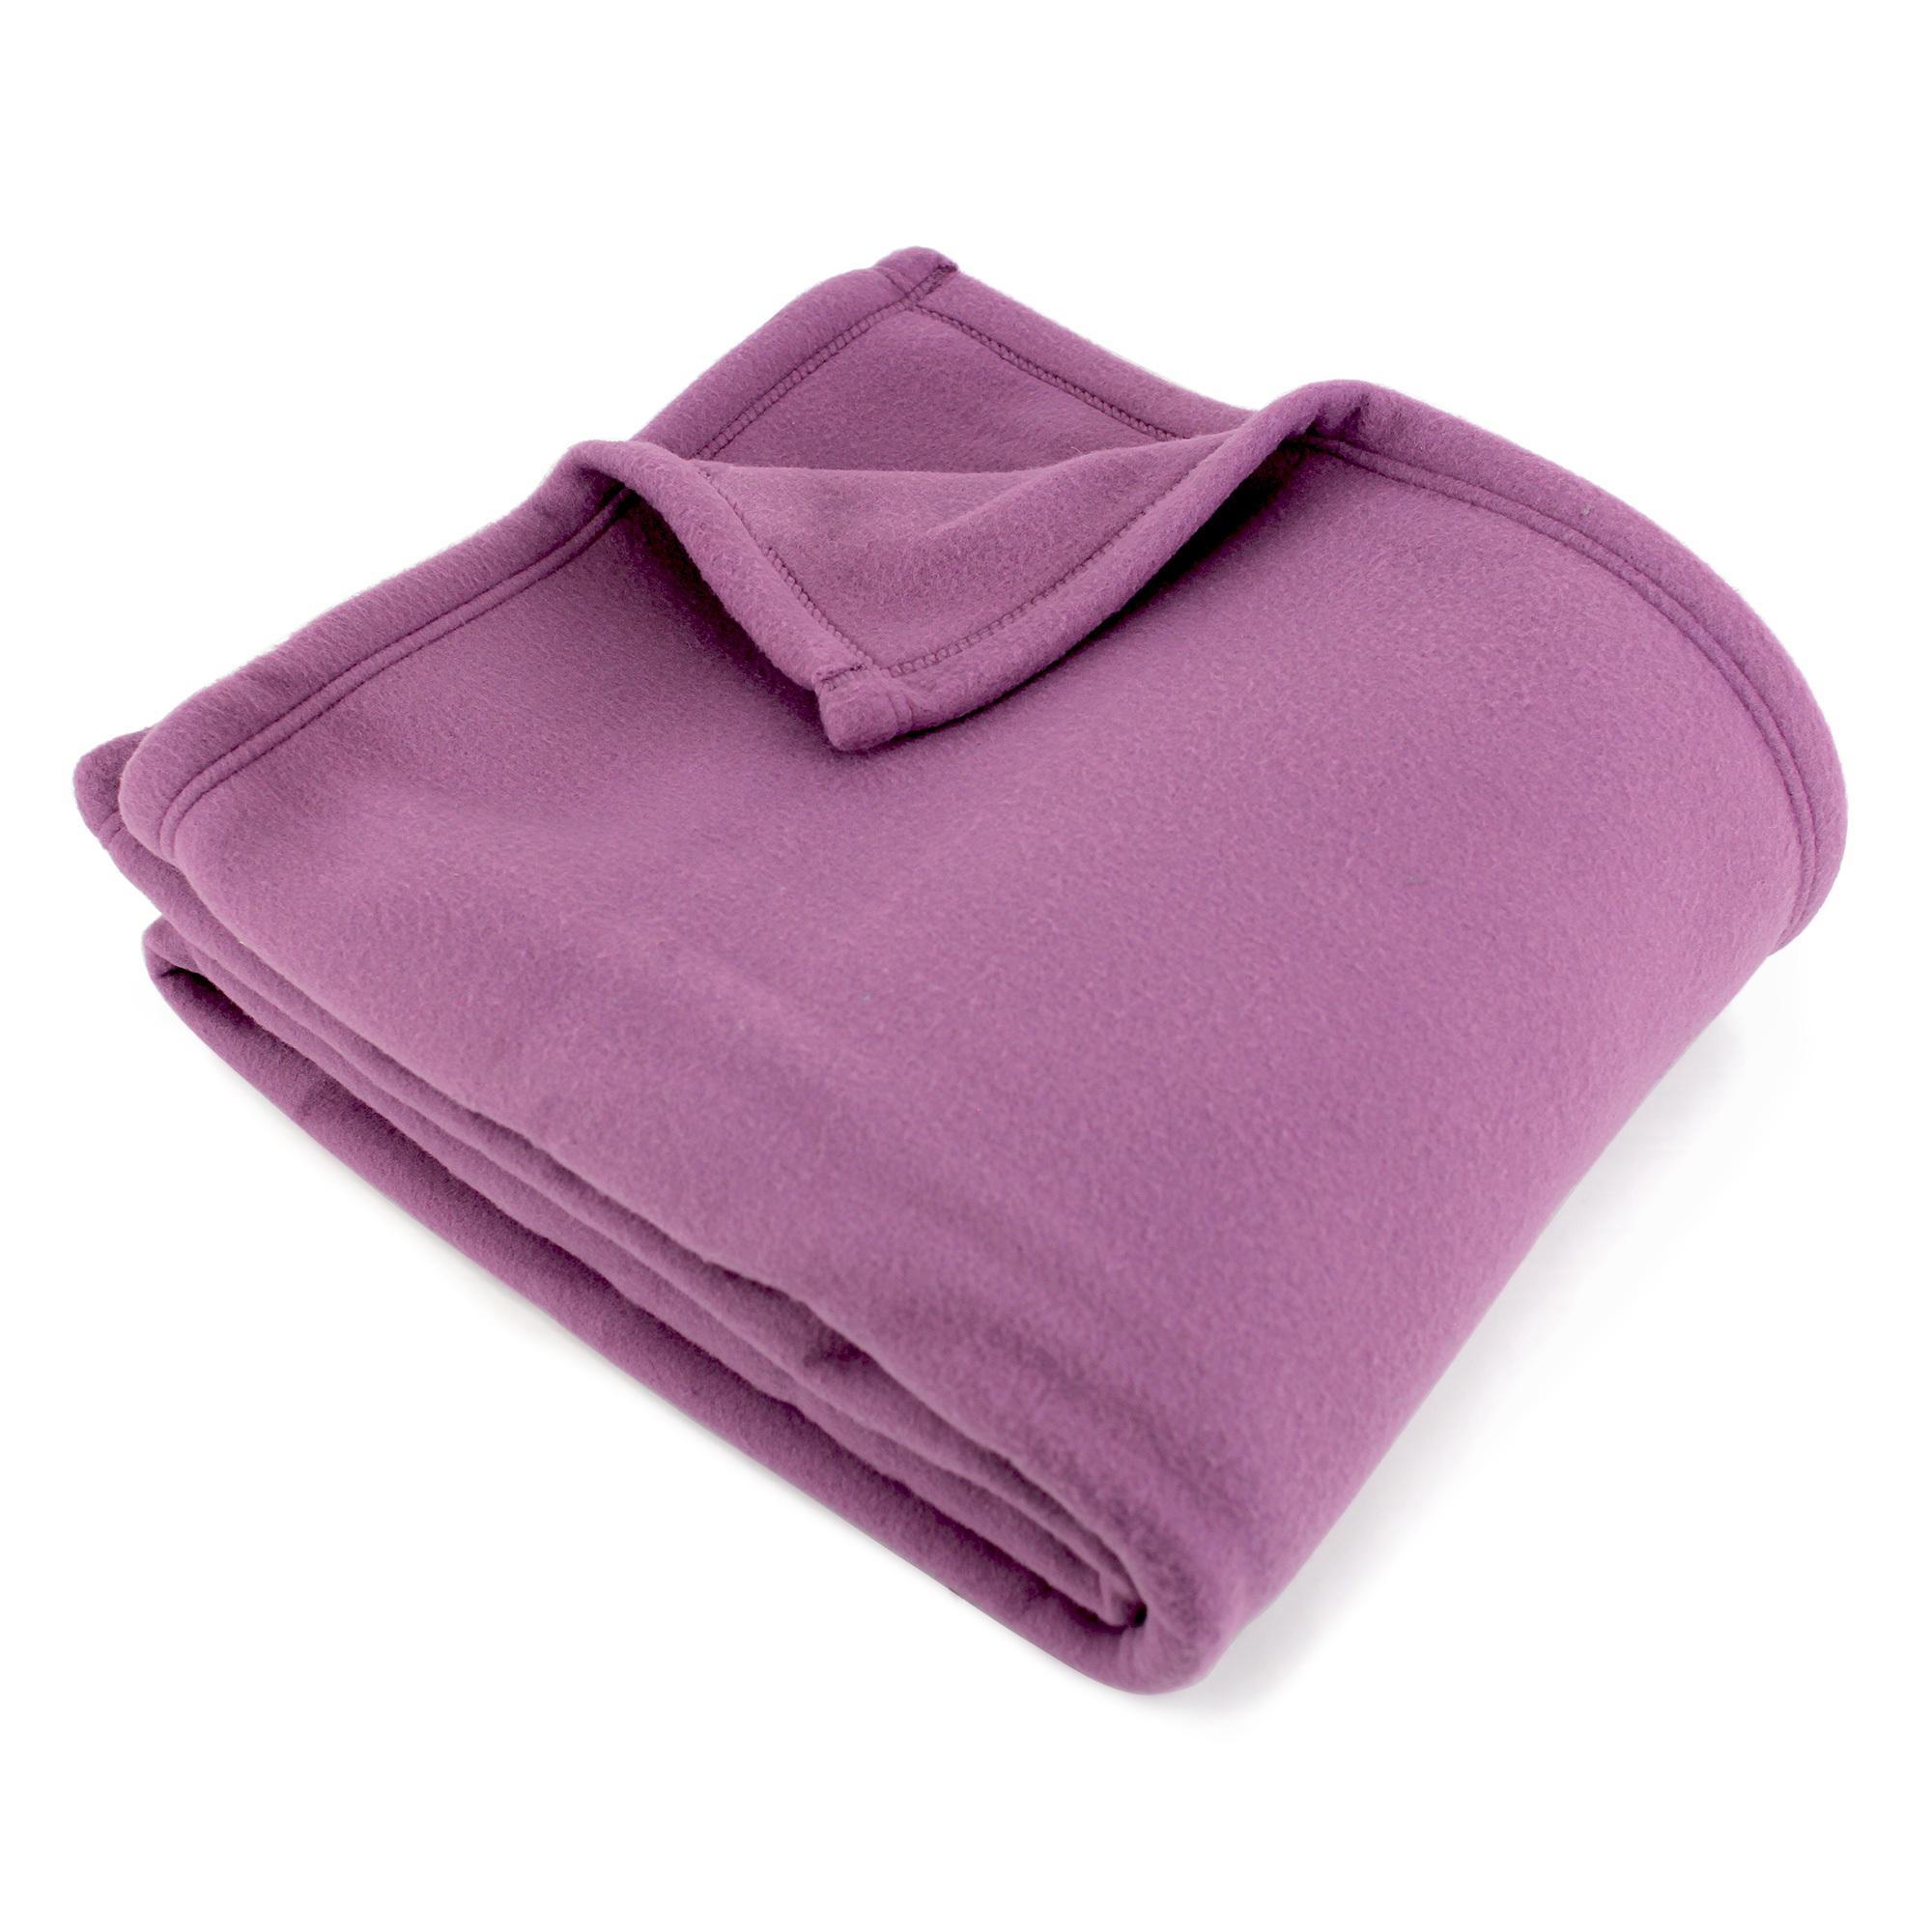 couverture polaire polyester 240x260 cm teddy mauve linnea linge de maison et. Black Bedroom Furniture Sets. Home Design Ideas